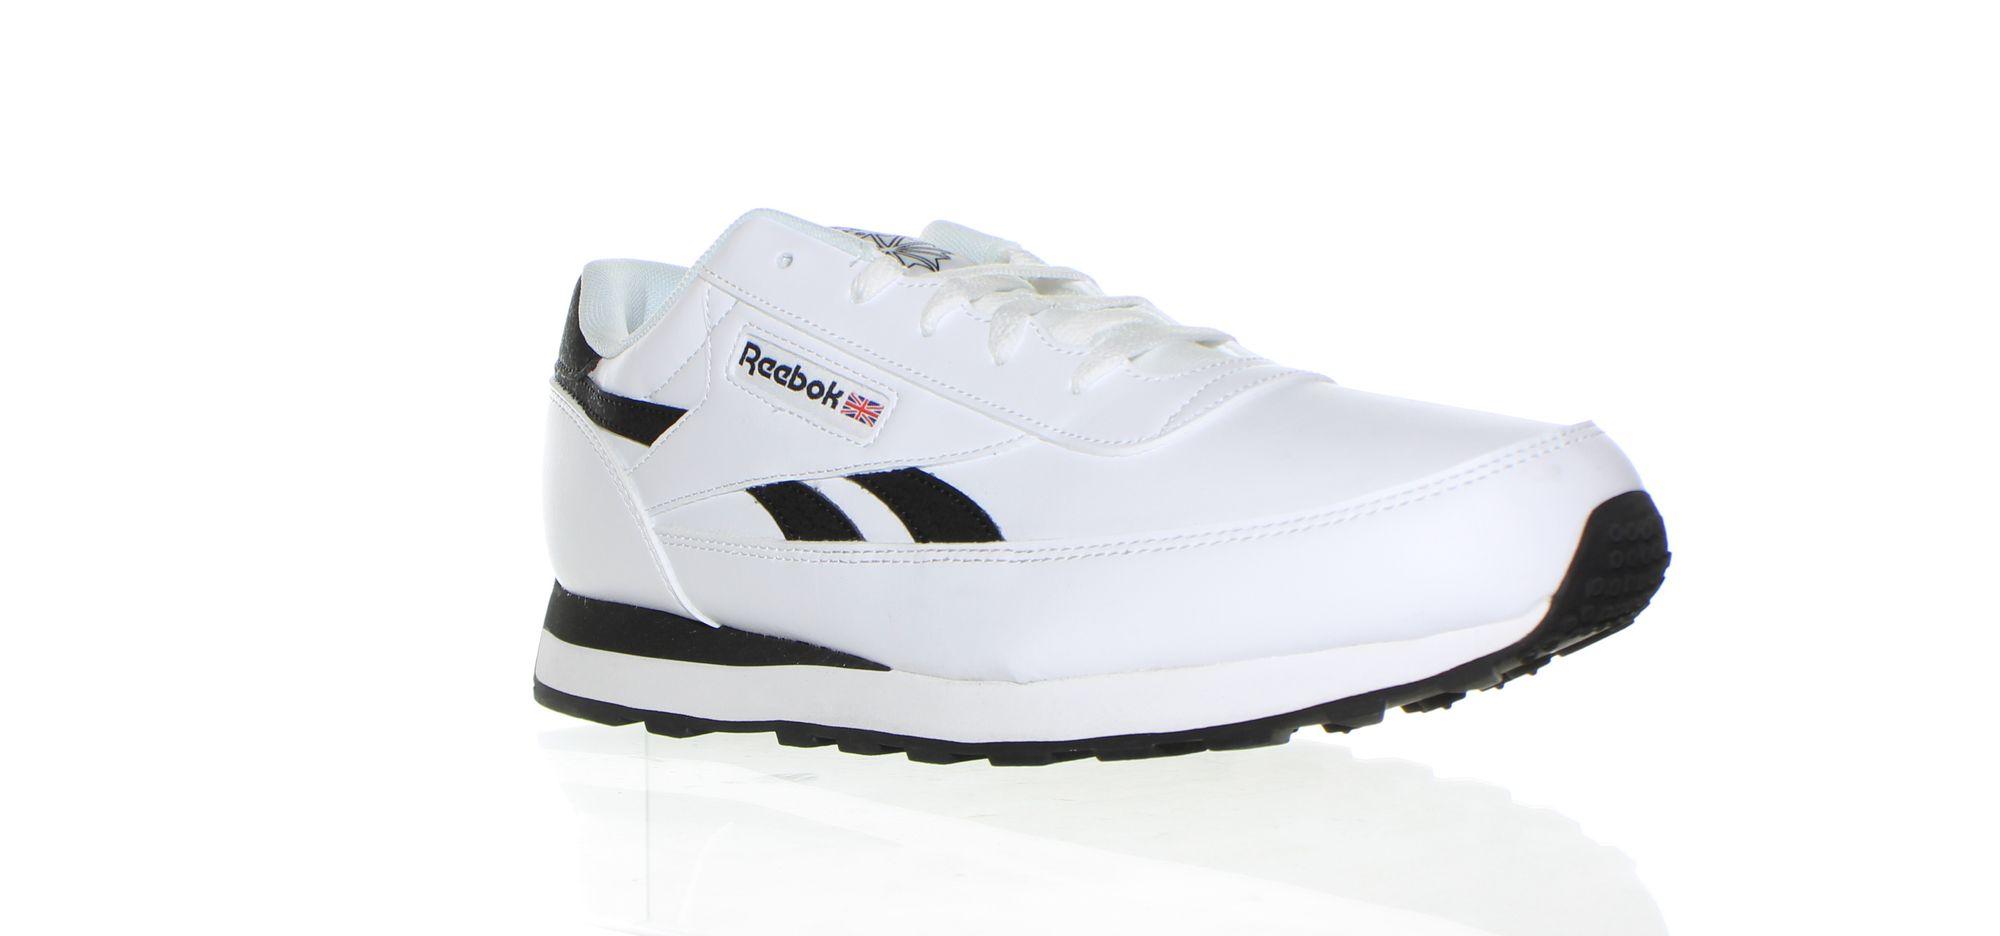 Details about Reebok Mens Classic Renaissance Us whiteBlack Fashion Sneaker Size 11.5